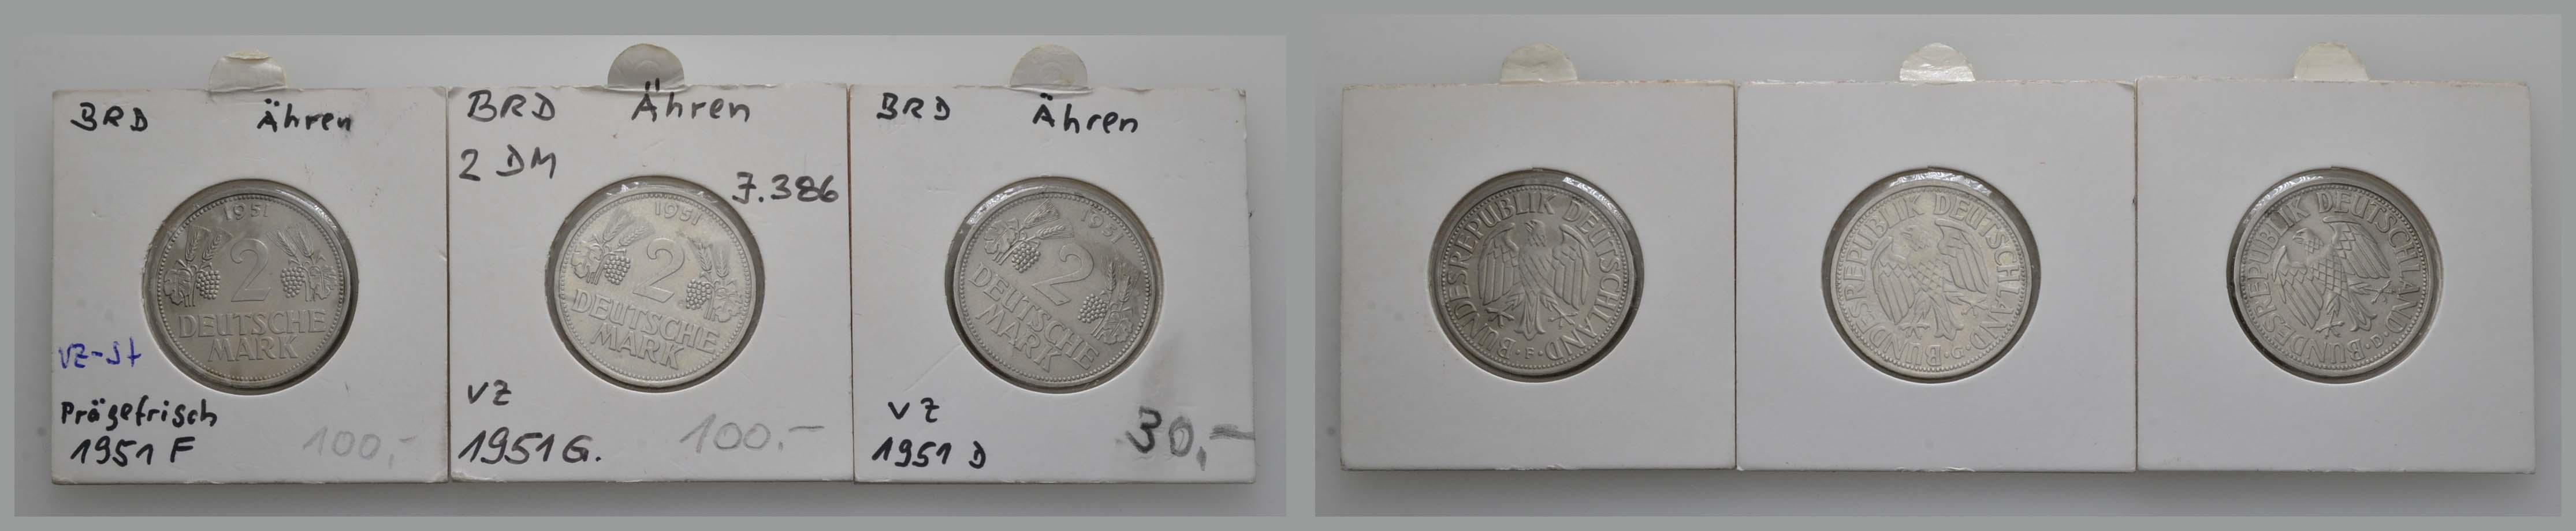 Lot 1128 - deutschland Bundesrepublik (DM) -  Auktionshaus Ulrich Felzmann GmbH & Co. KG Coins single lots